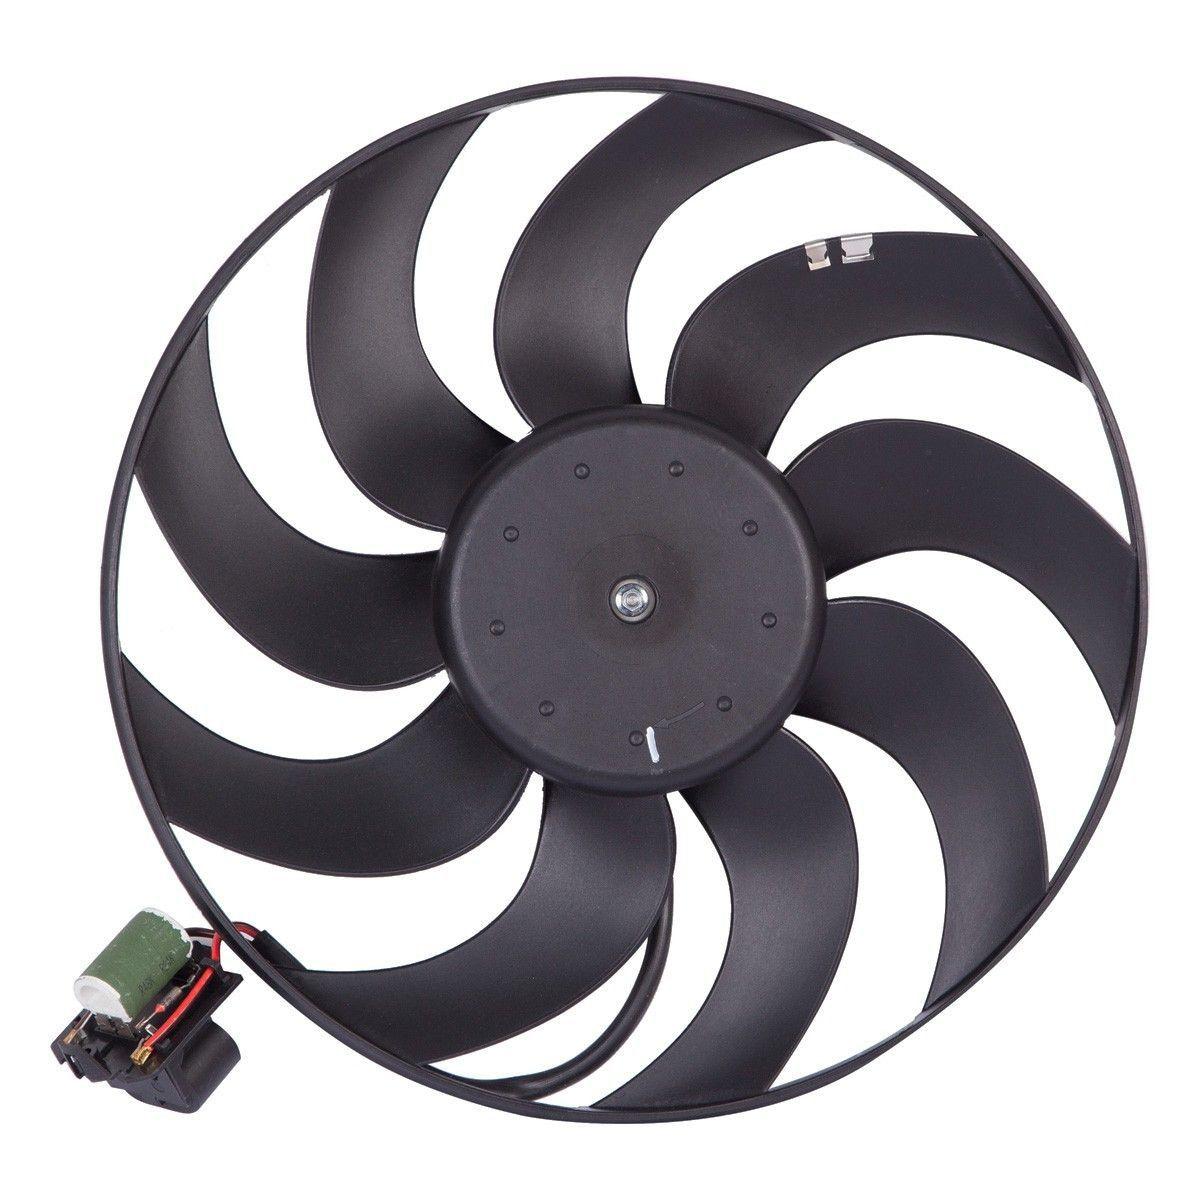 Ventoinha radiador - Cruze 2012 a 2016